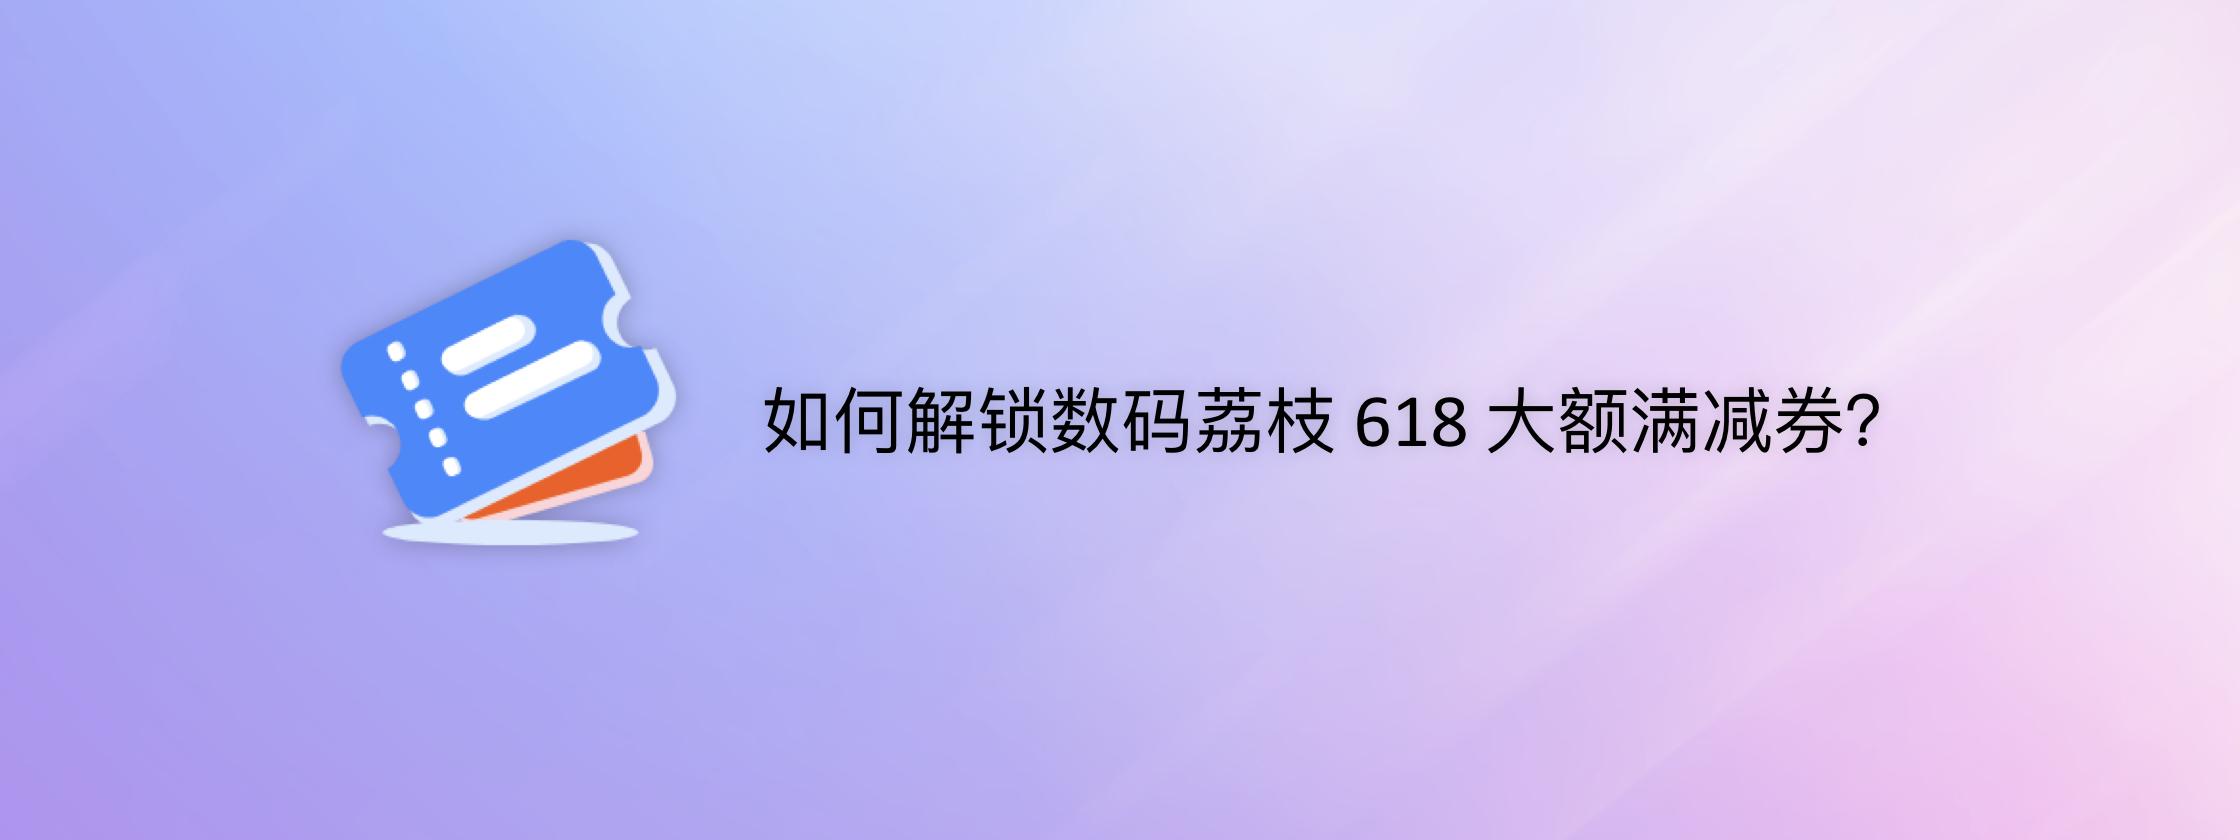 如何解锁数码荔枝 618 大额满减券?